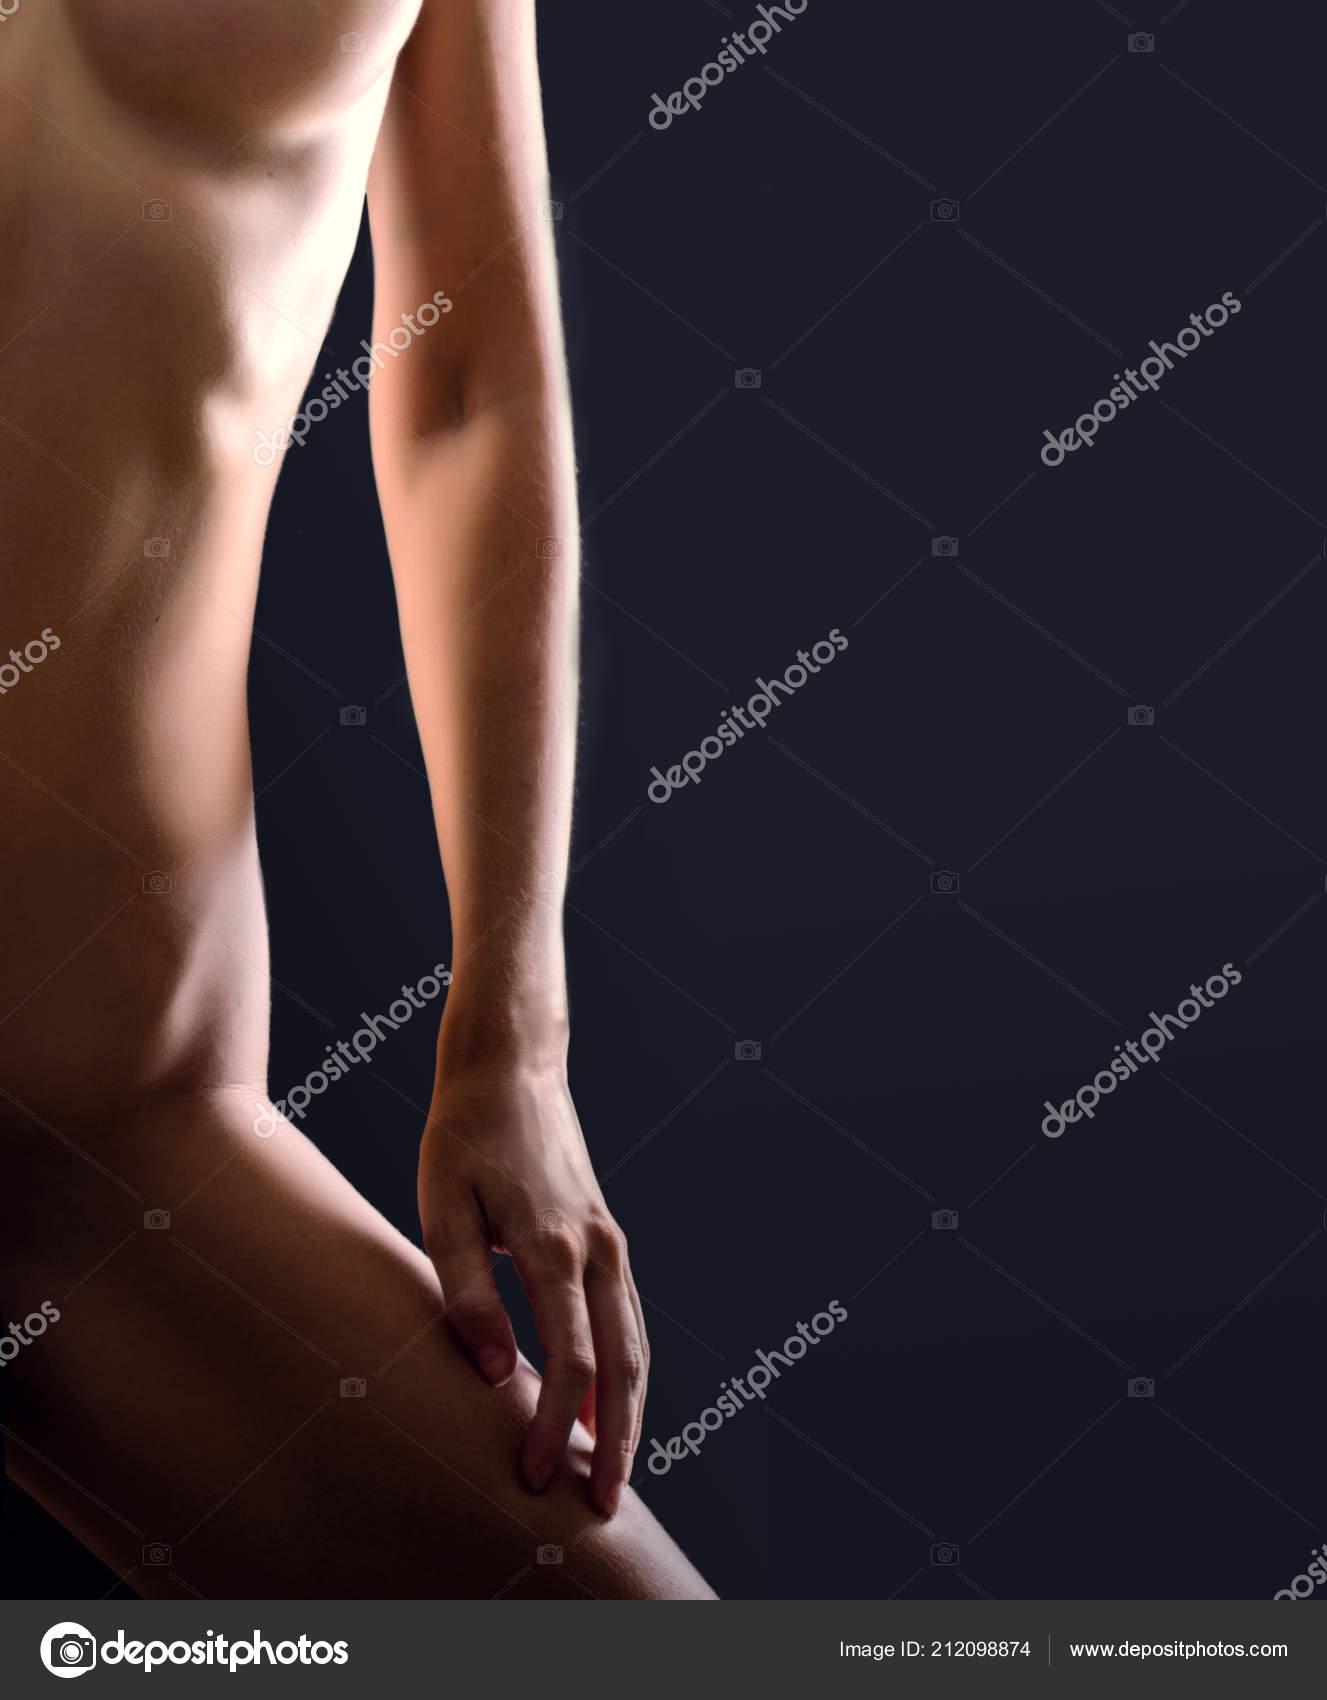 μεγάλο μαύρο γυναίκες φωτογραφίες πίθηκος κανάλι δωρεάν πορνό